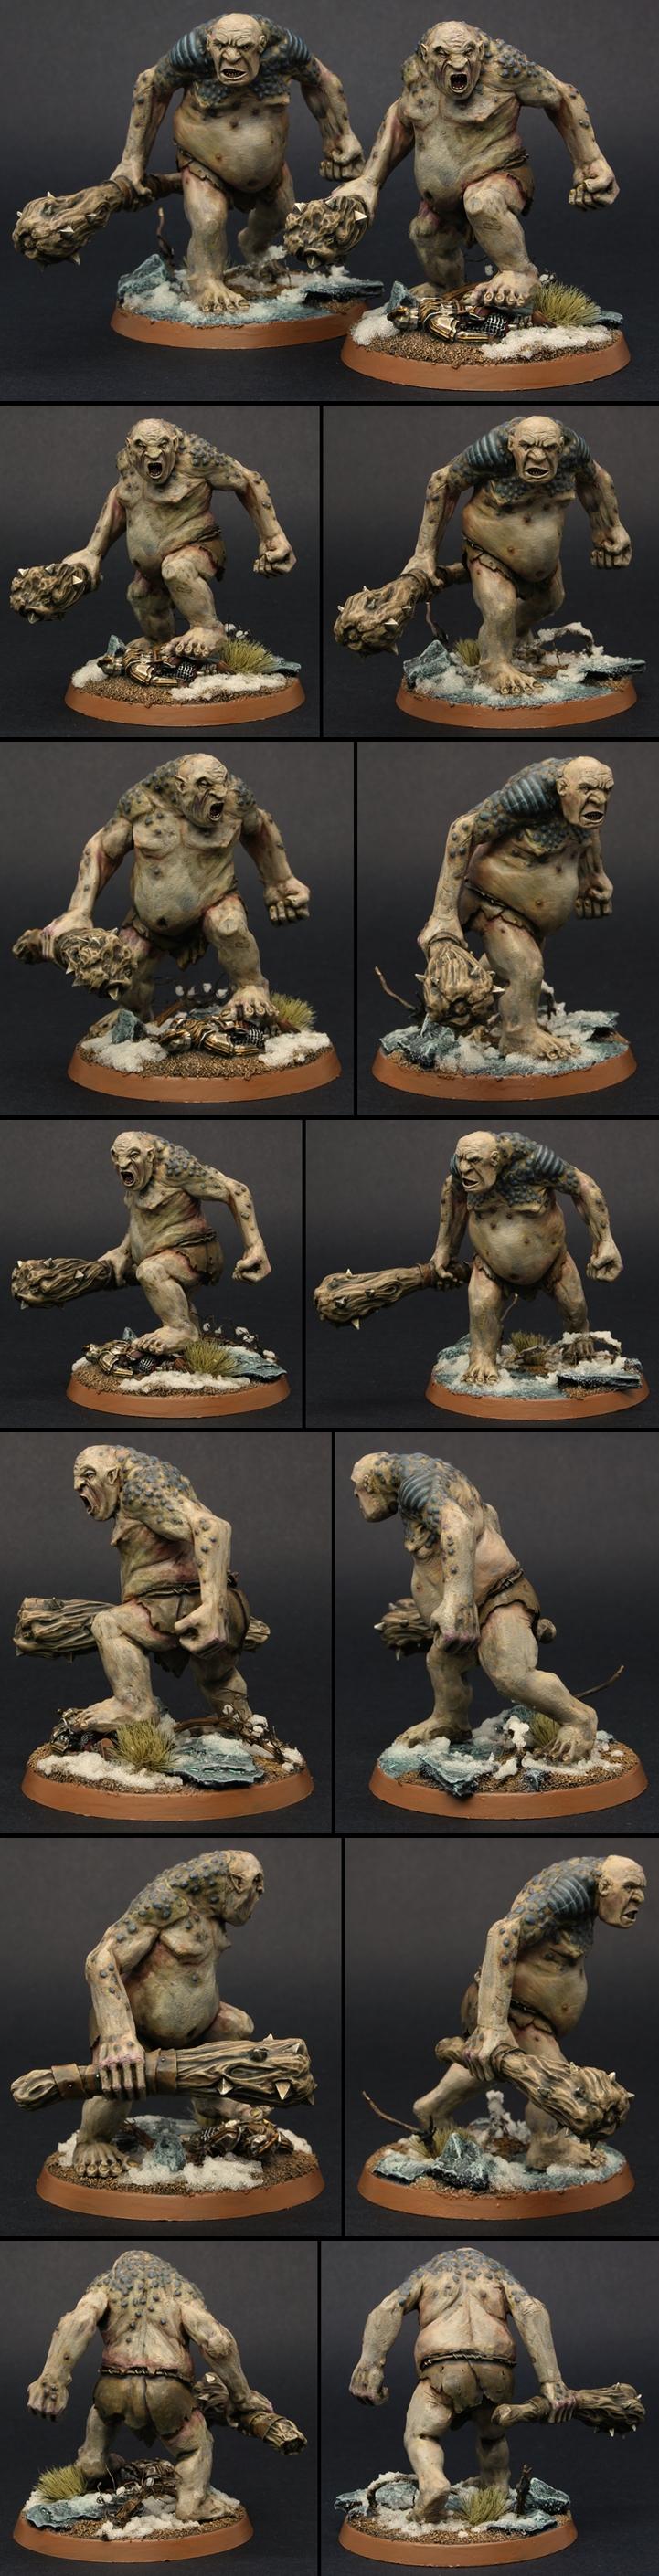 Gundabad Ogres